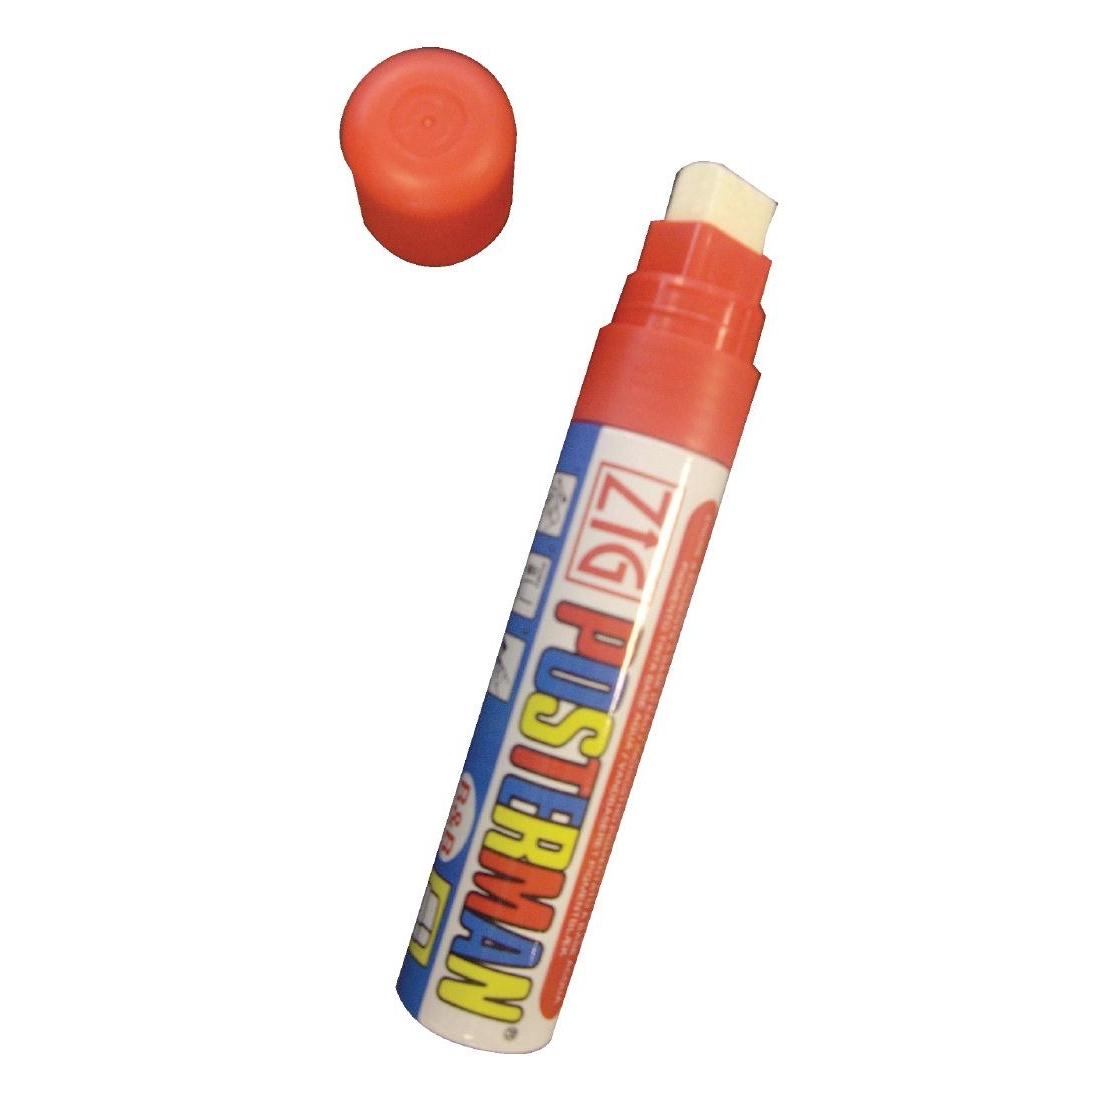 Marqueur craie tous temps Securit Zig Posterman 6mm rouge